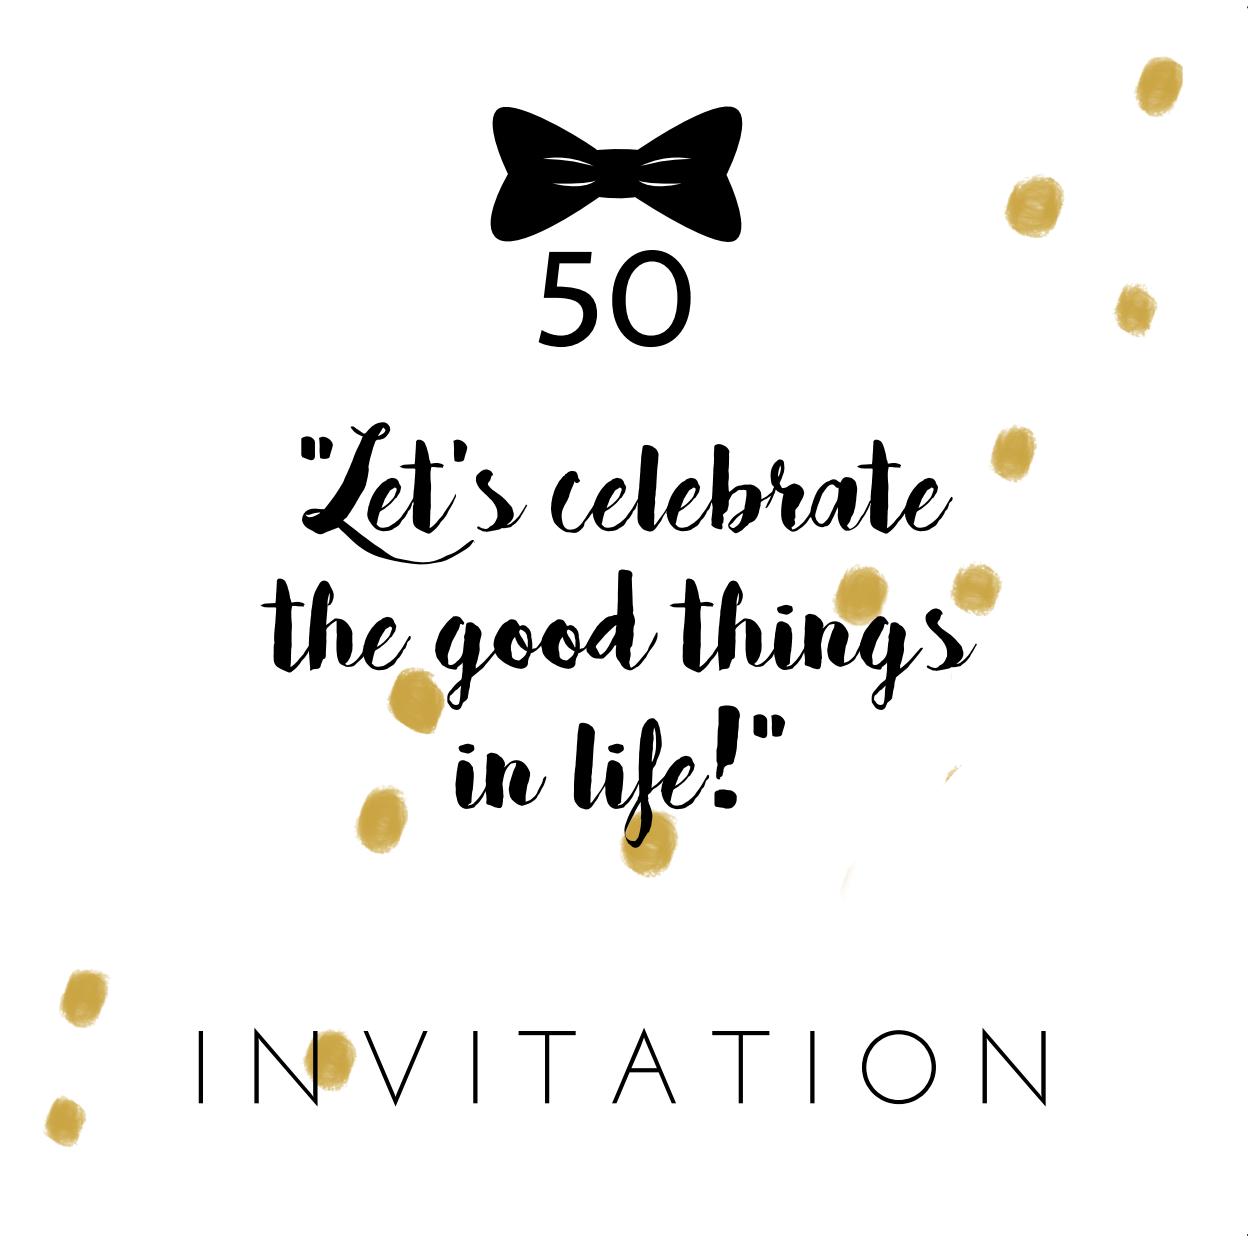 Beste Uitnodiging 50ste verjaardag | Uitnodiging, Diy uitnodiging QG-36